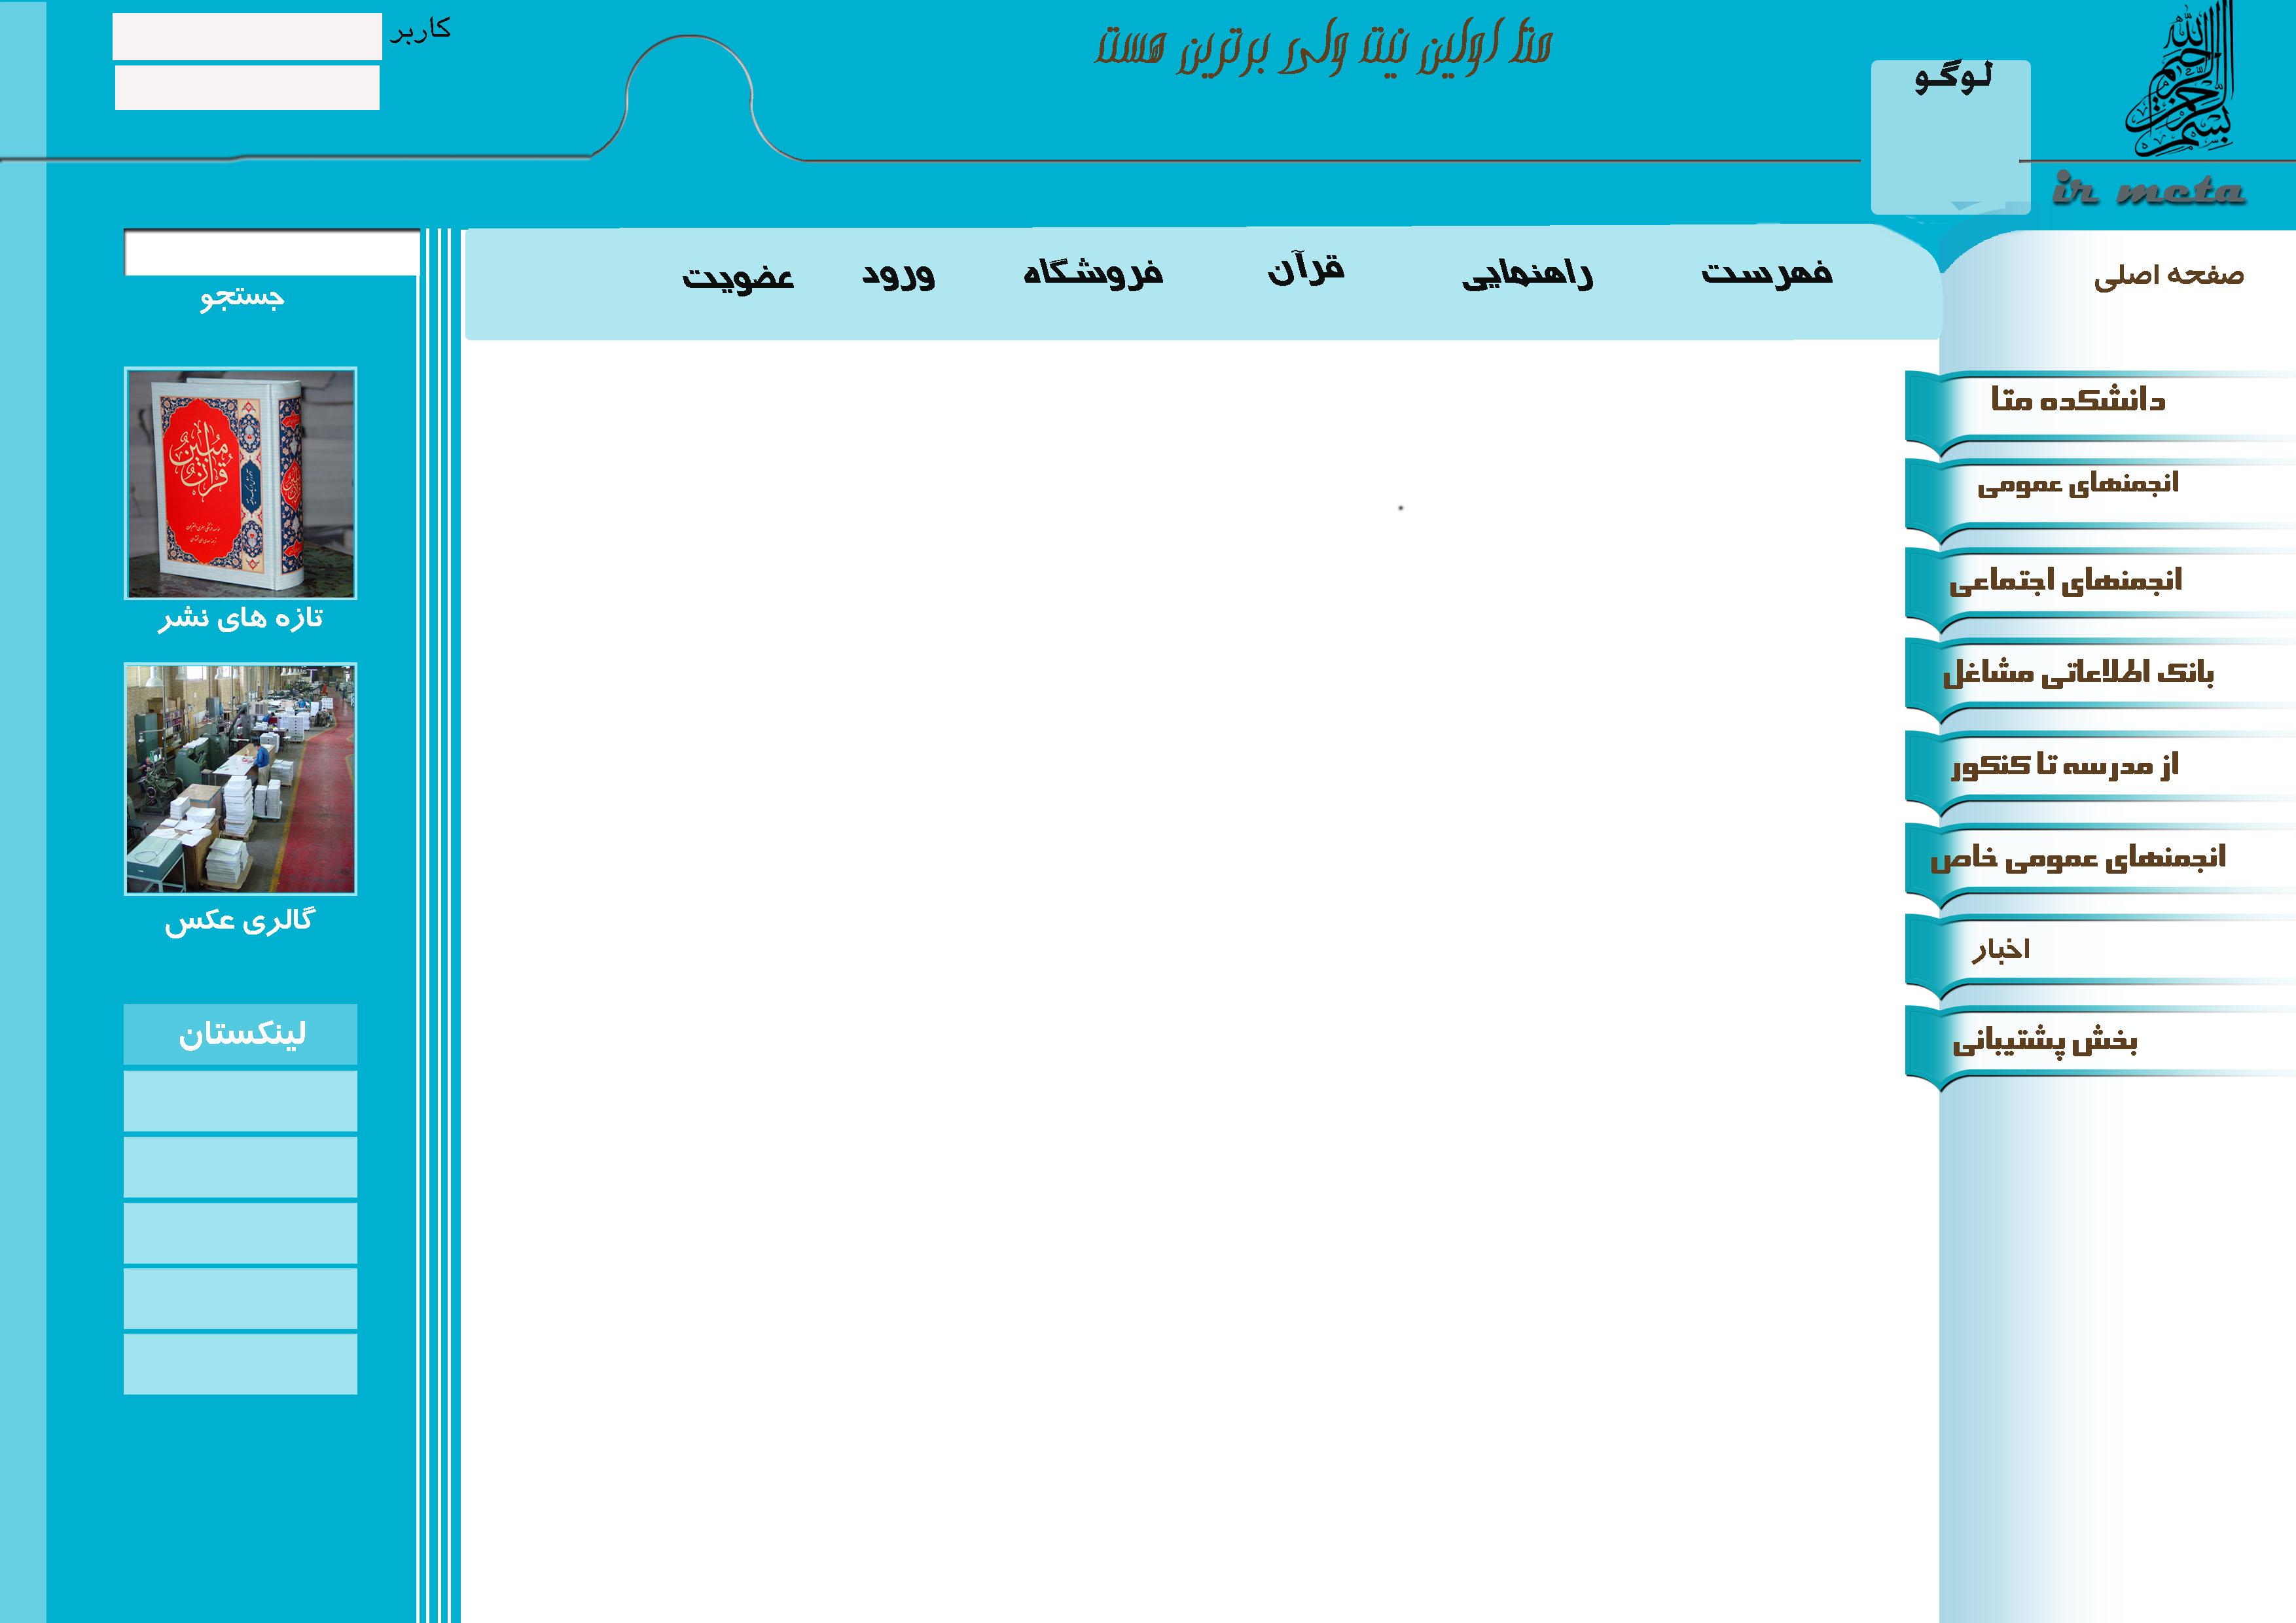 chap011%20copy - تاپیک مربوط به زیبا سازی انجمن [طراحی هدر برای انجمن] - متا